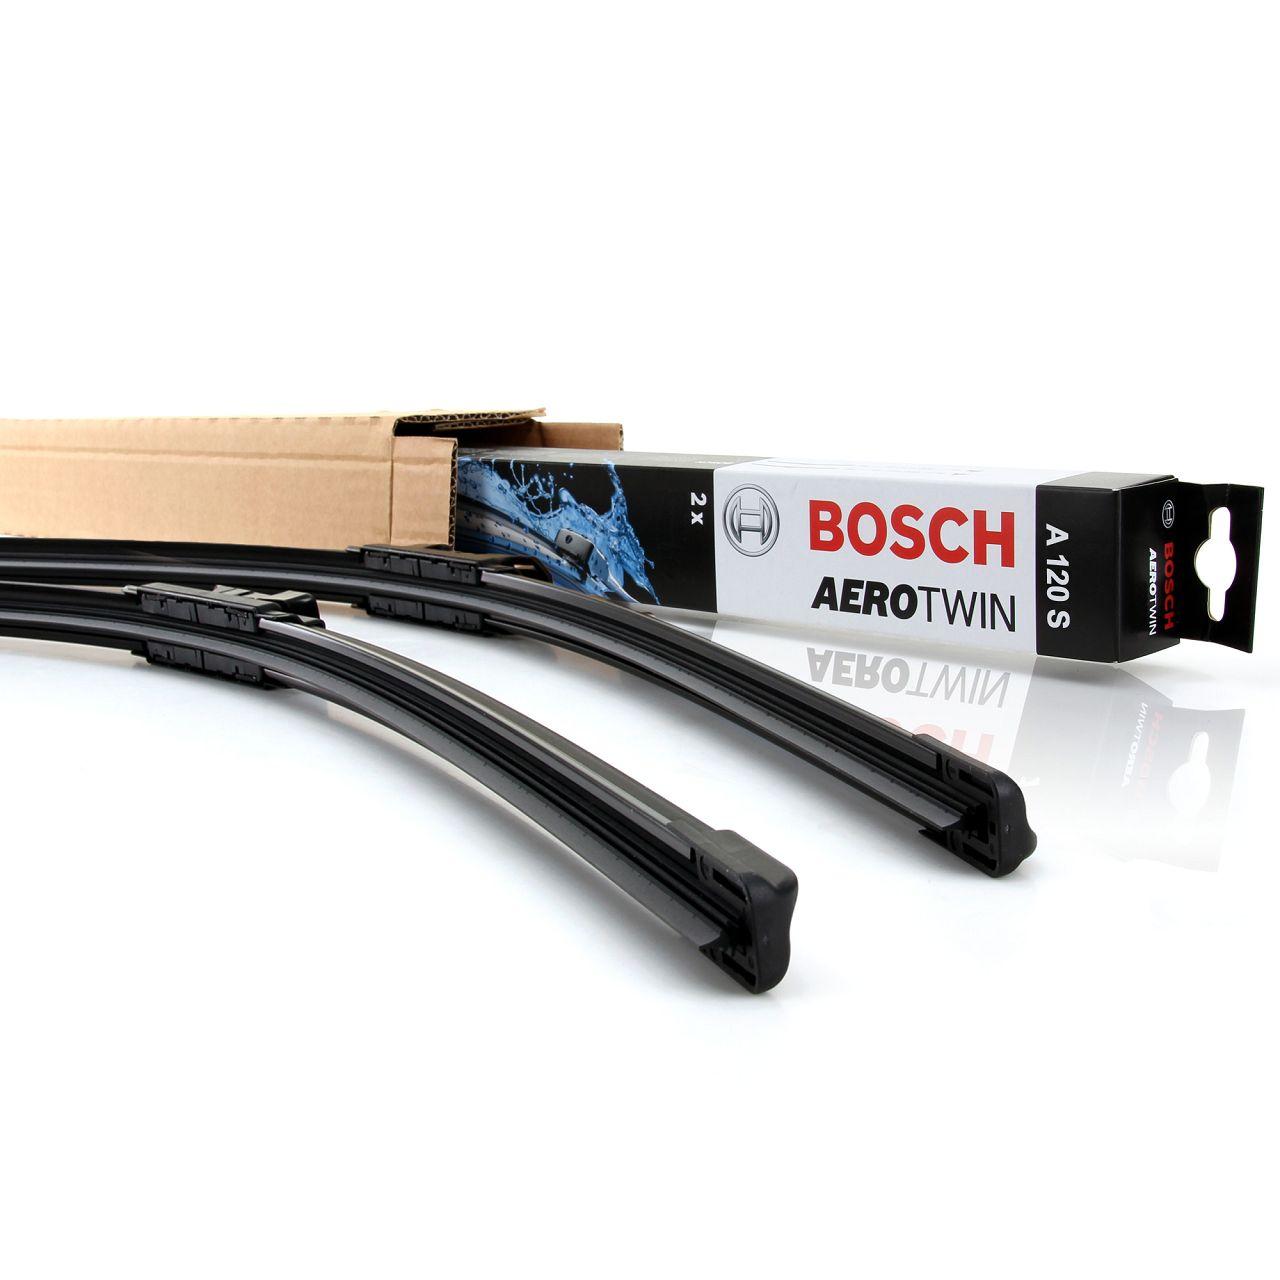 BOSCH AEROTWIN A120S Scheibenwischer Wischer für CITROEN C4 FORD GALAXY S-MAX